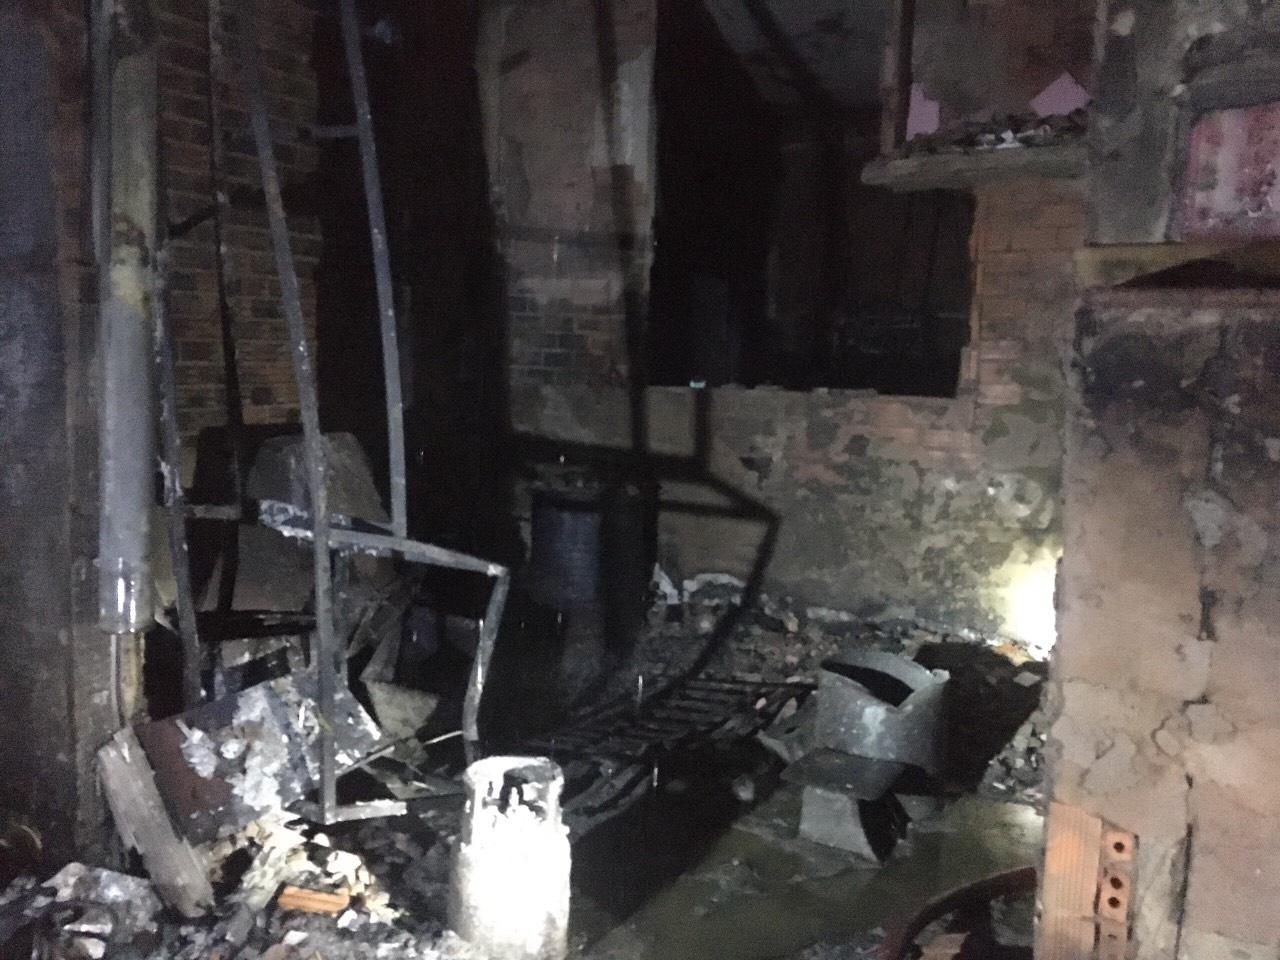 ẢNH-CLIP: Hiện trường bên trong căn nhà cháy làm 8 người chết ở TP.HCM - Ảnh 5.